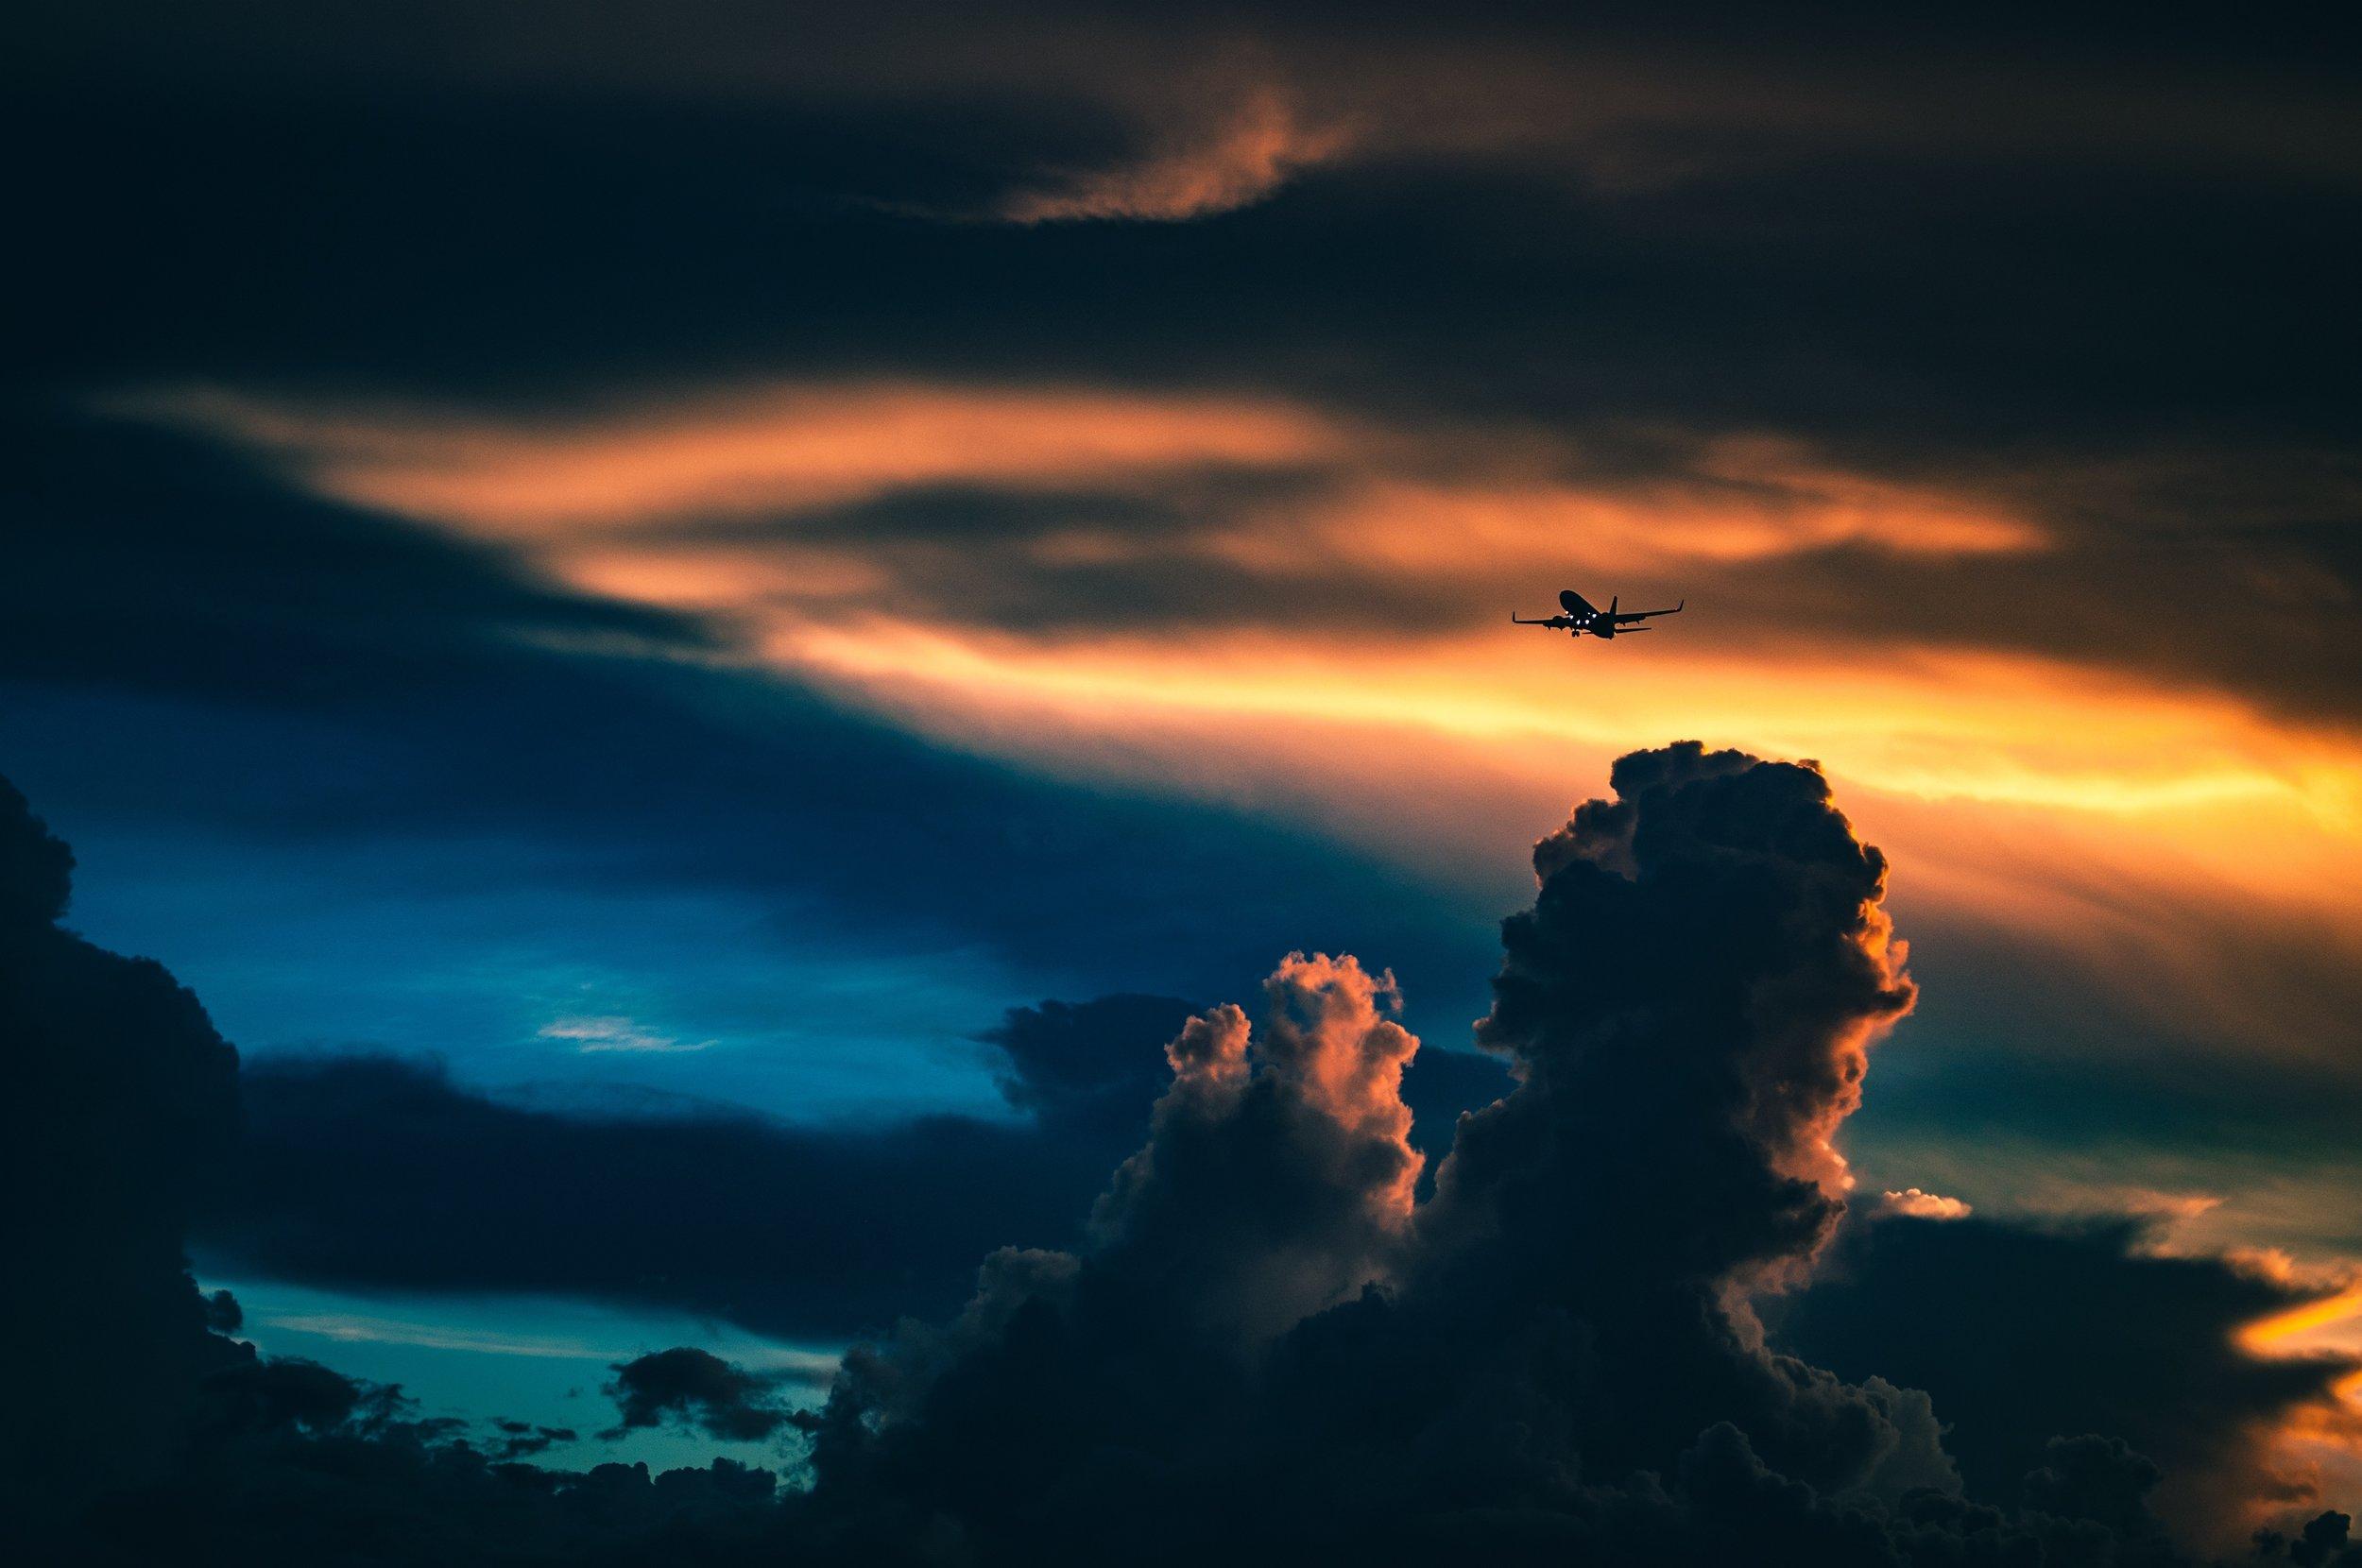 sea-horizon-silhouette-mountain-cloud-sky-1051388-pxhere.com.jpg